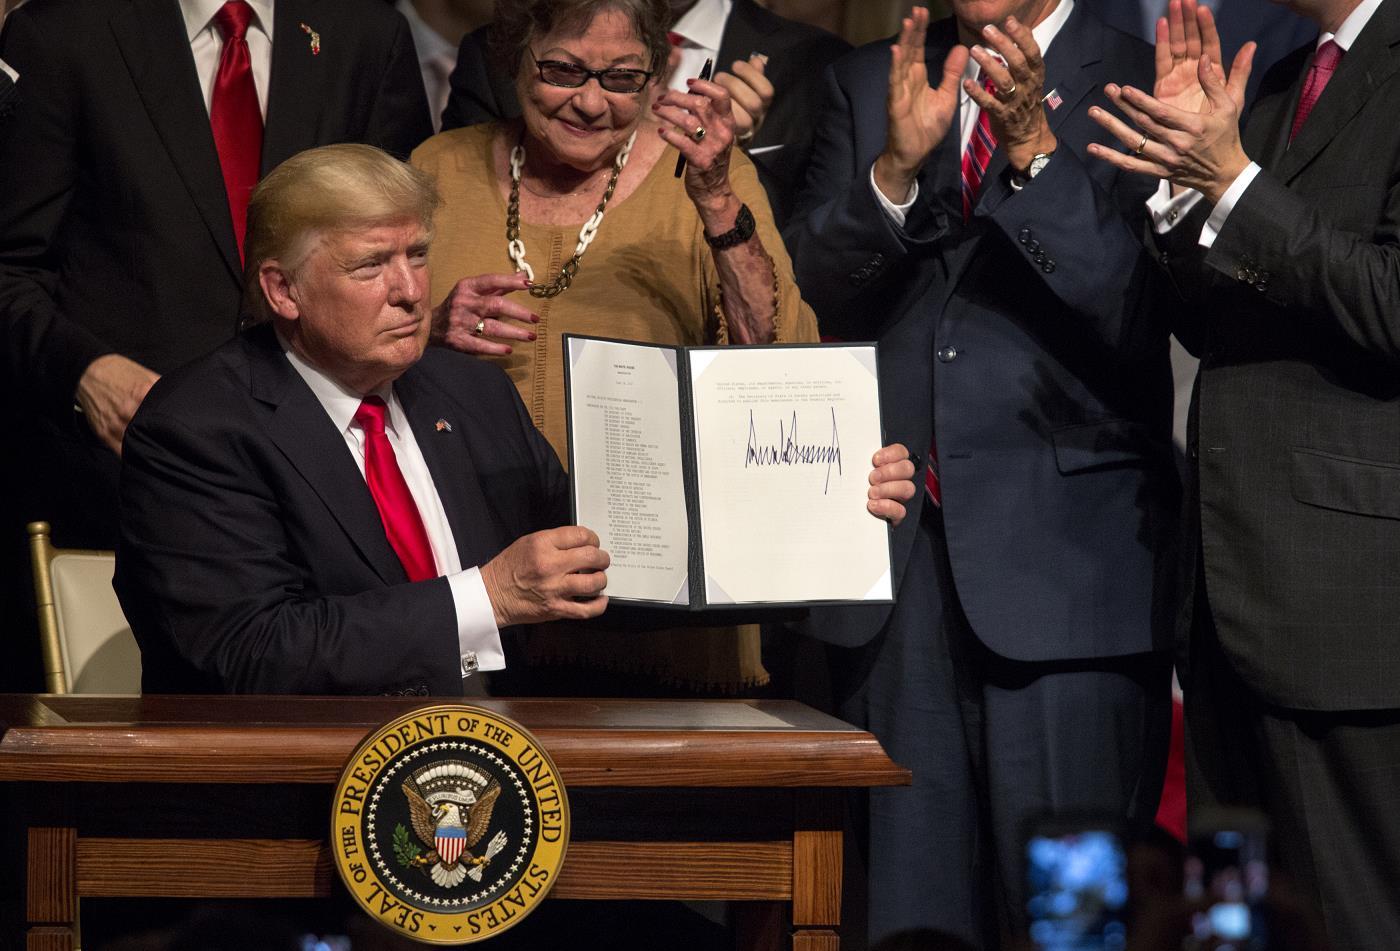 Трамп подписал решение об ужесточении политики в отношении Кубы. Фото EPA